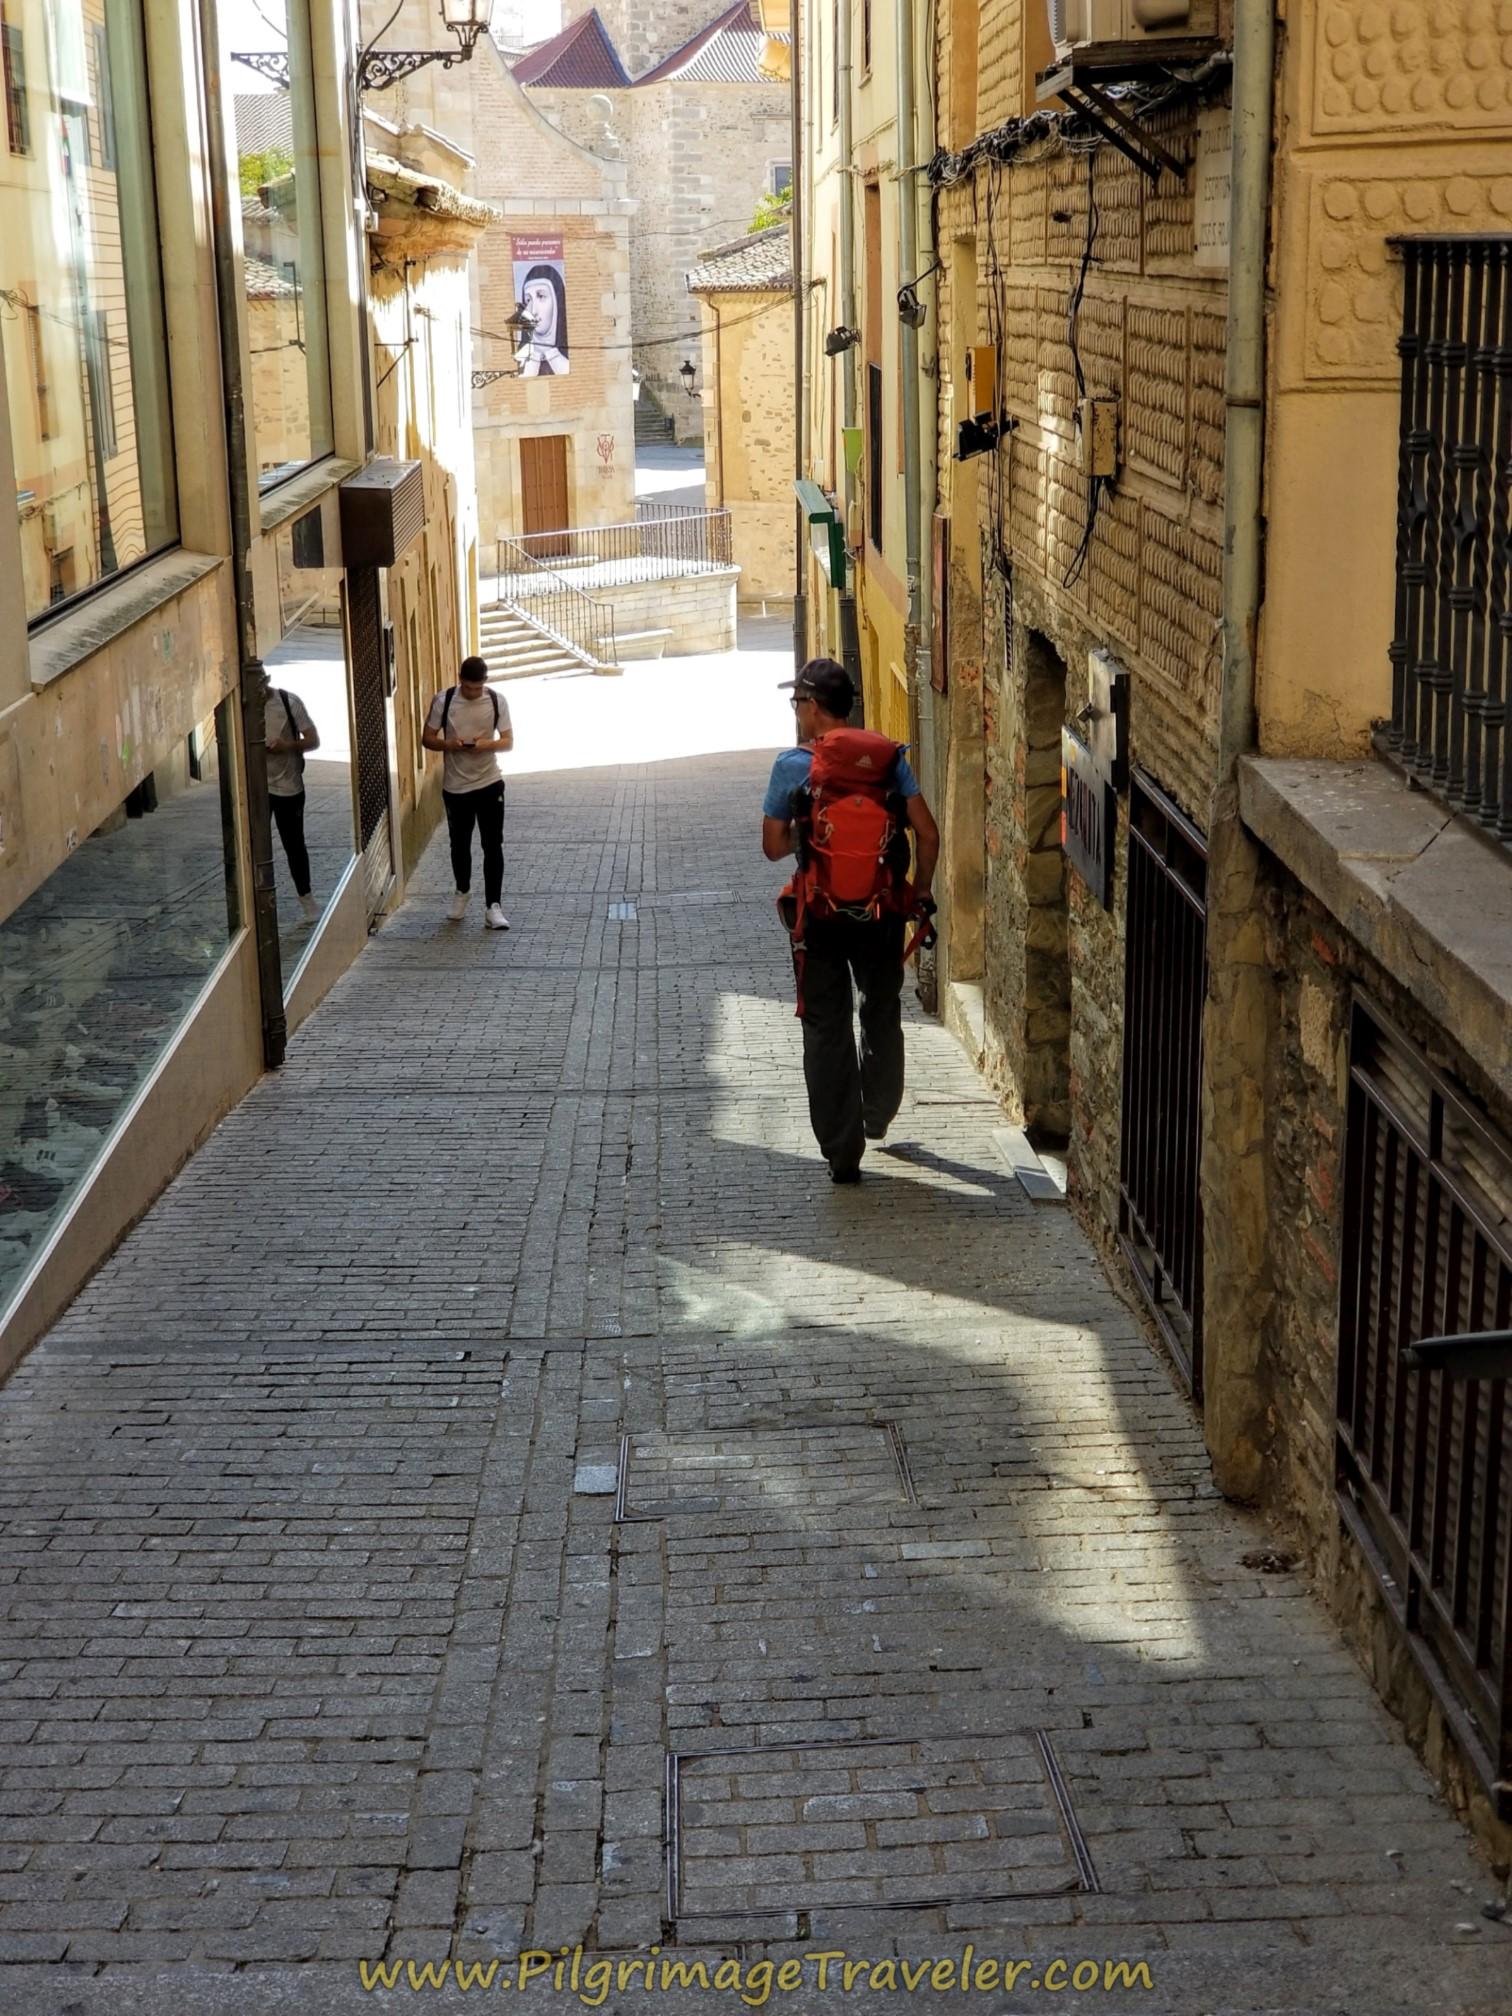 Calle Sanchez Llevot, Alternative Path